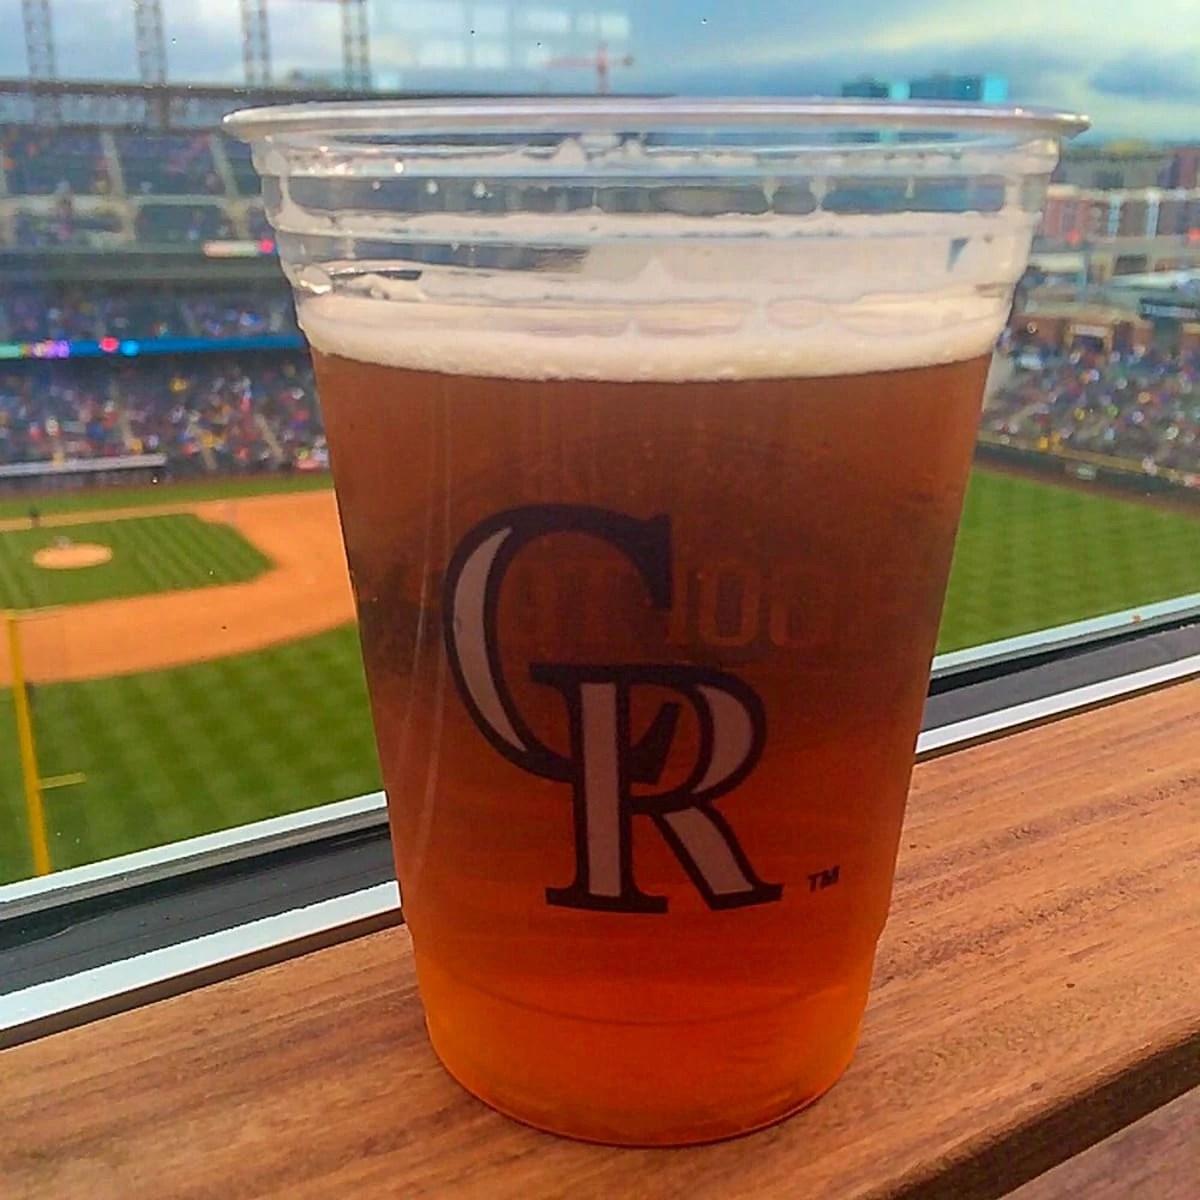 Colorado Rockies Home Opener, enjoying a beer at Coors Field